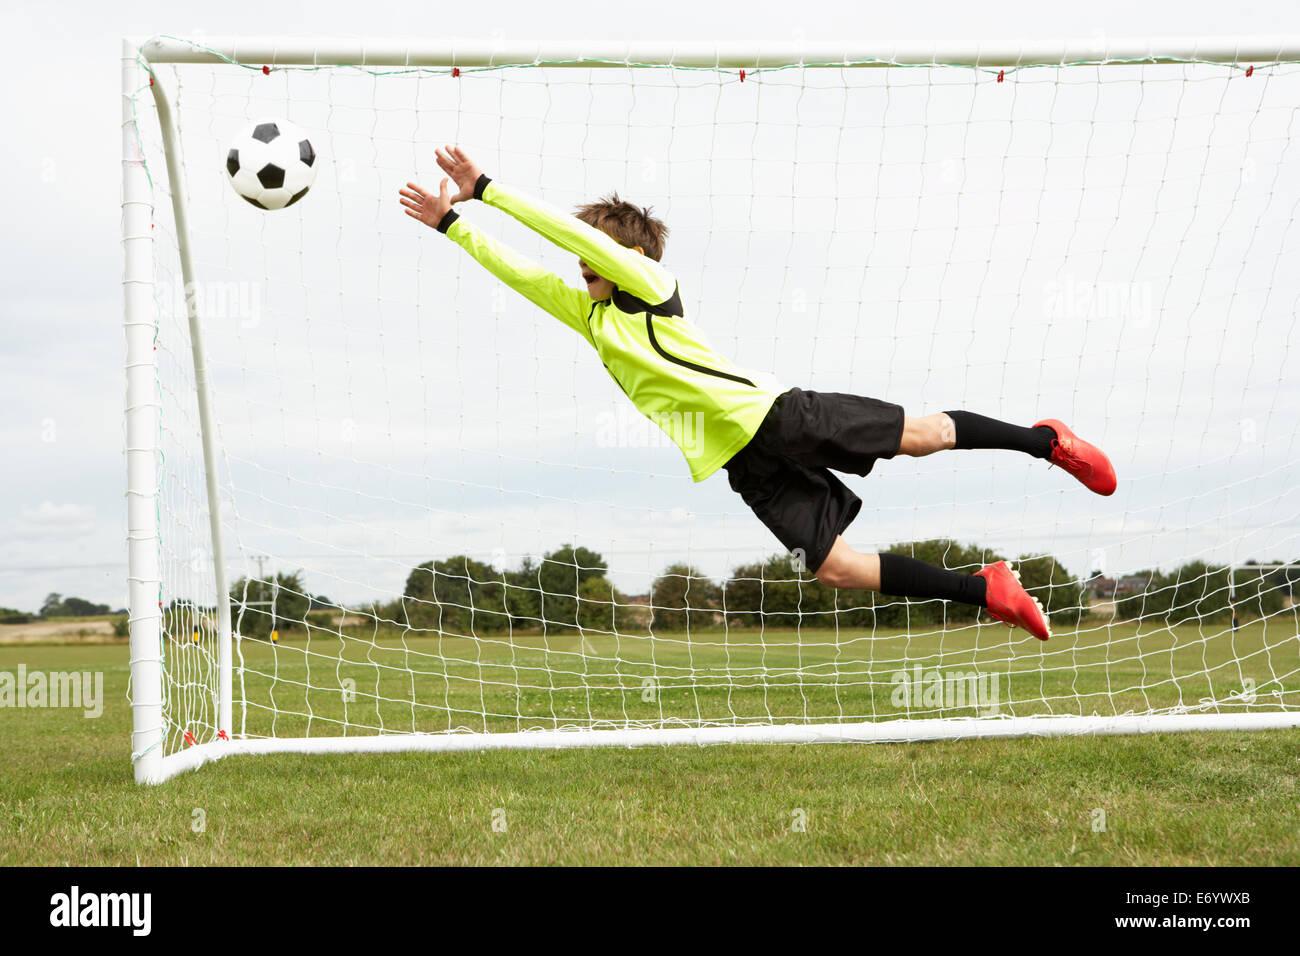 Gardien de garçon sautant pour enregistrer objectif Photo Stock